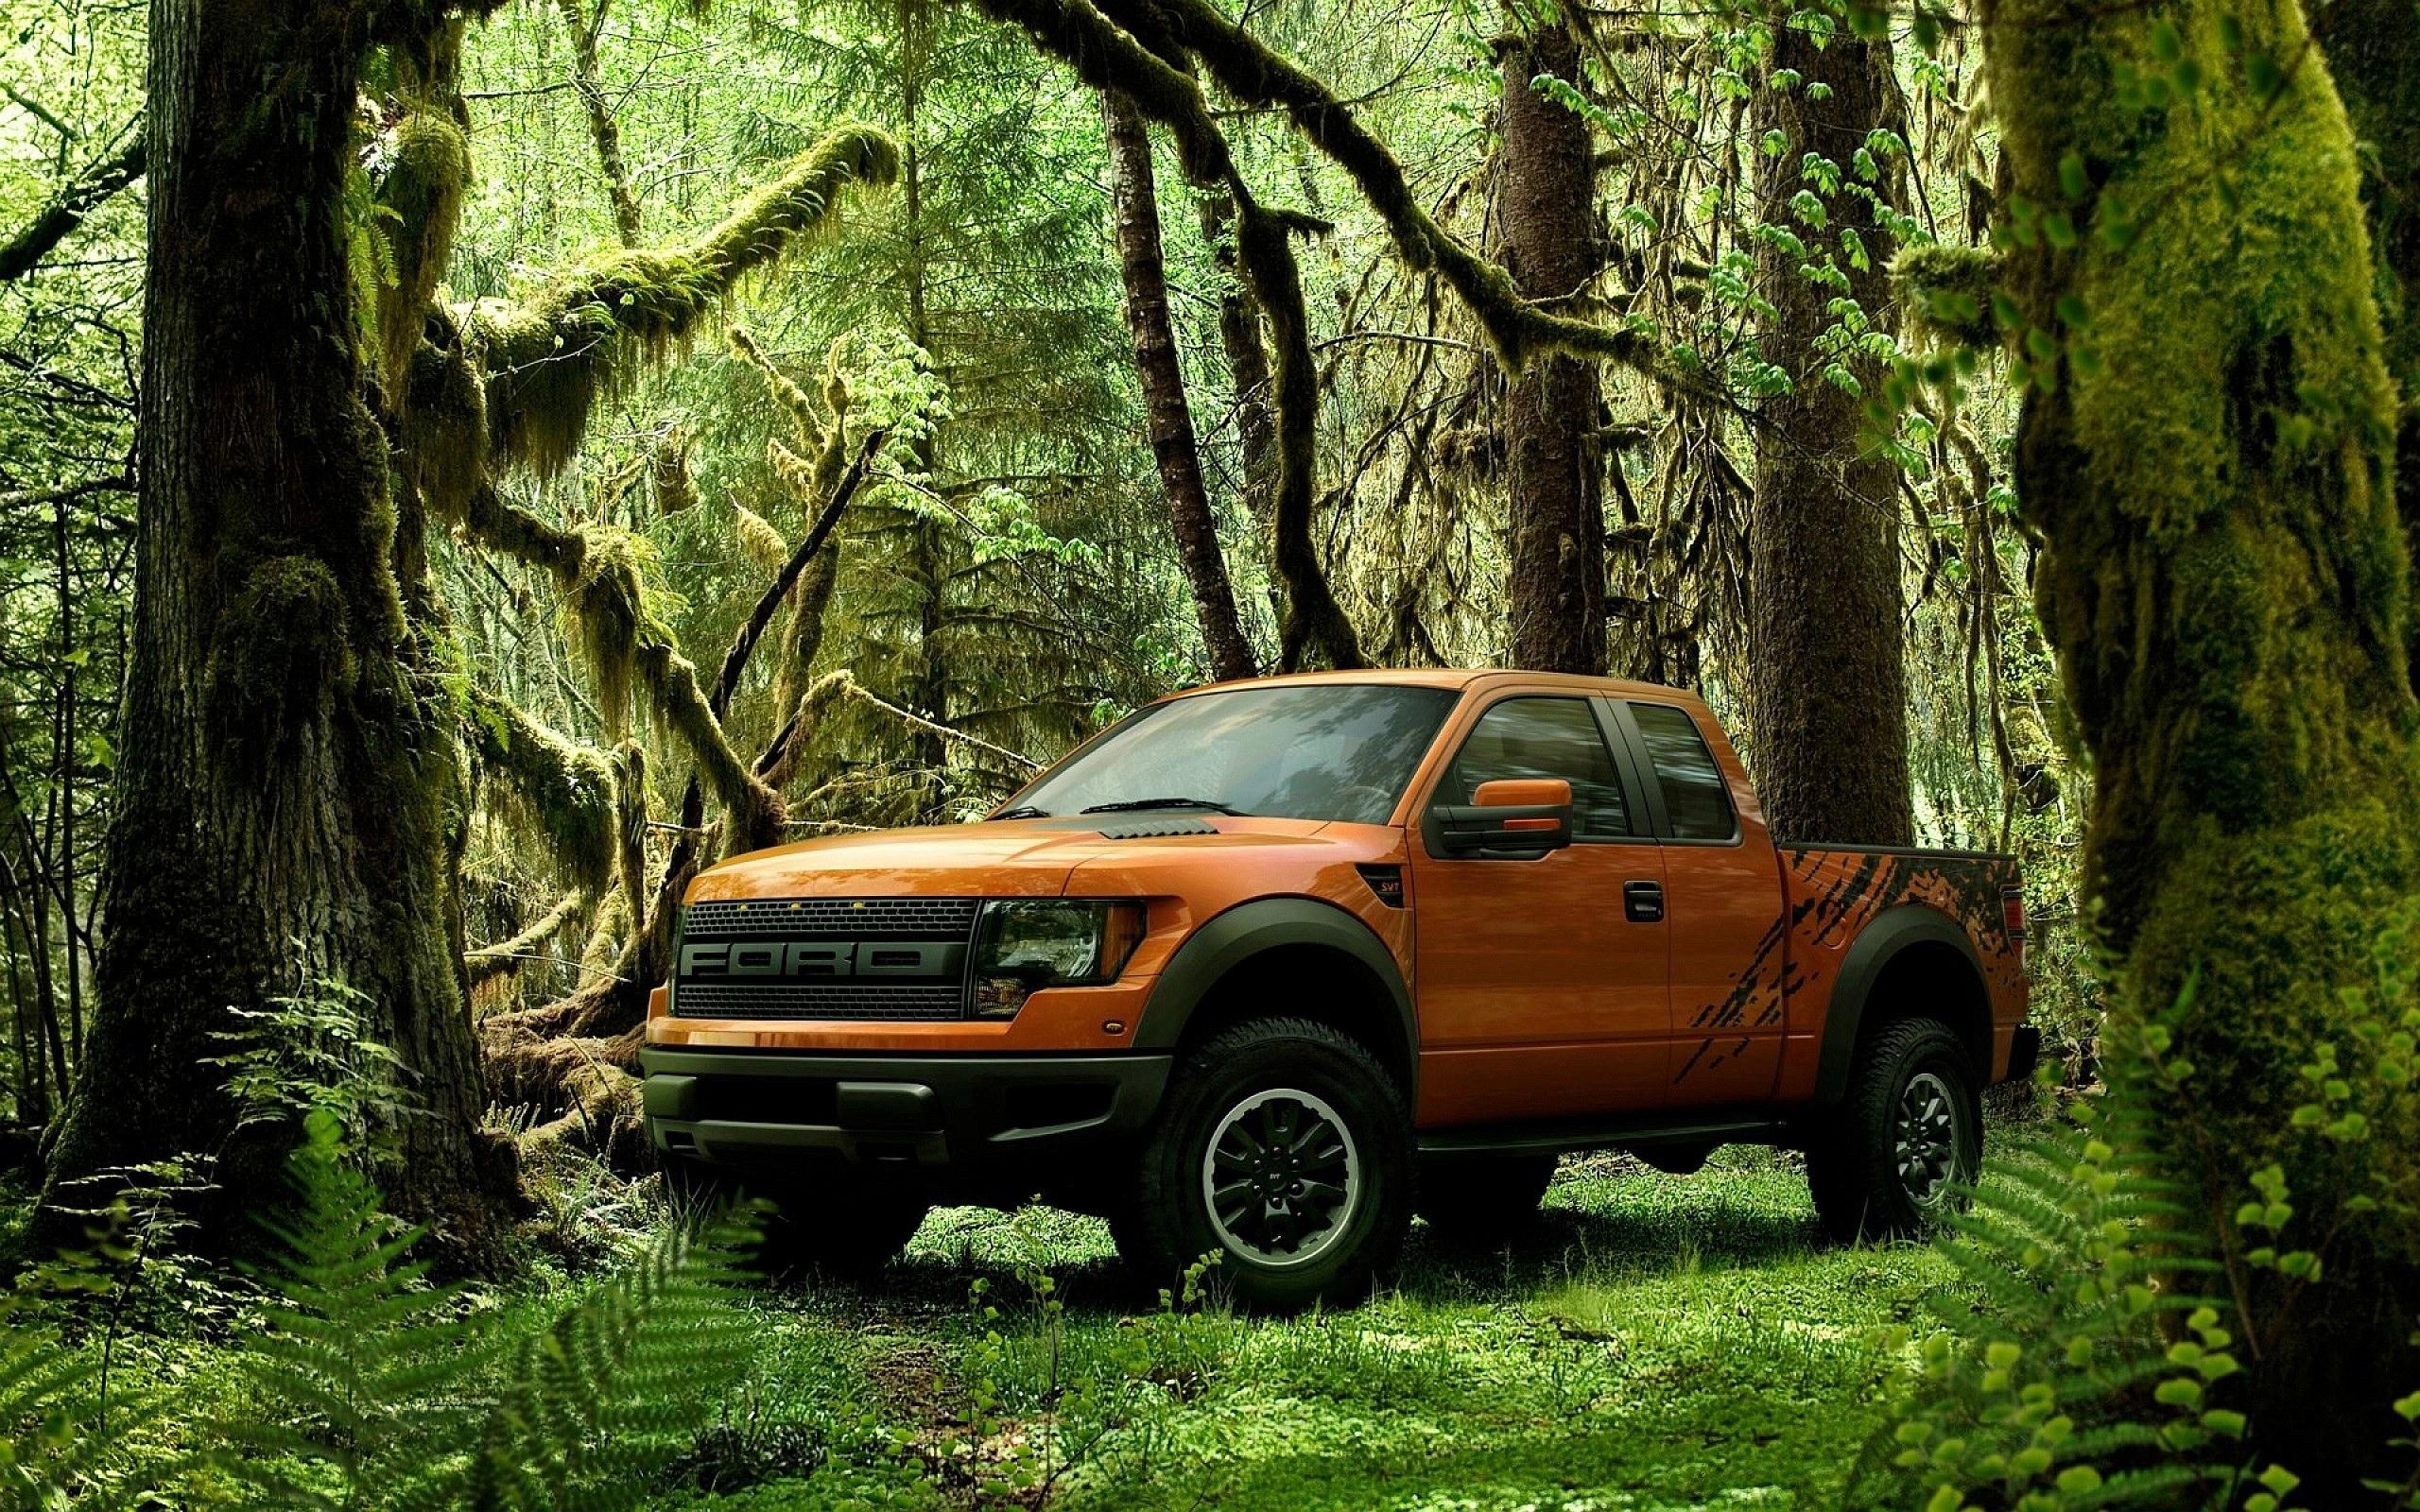 Ford Raptor Forest